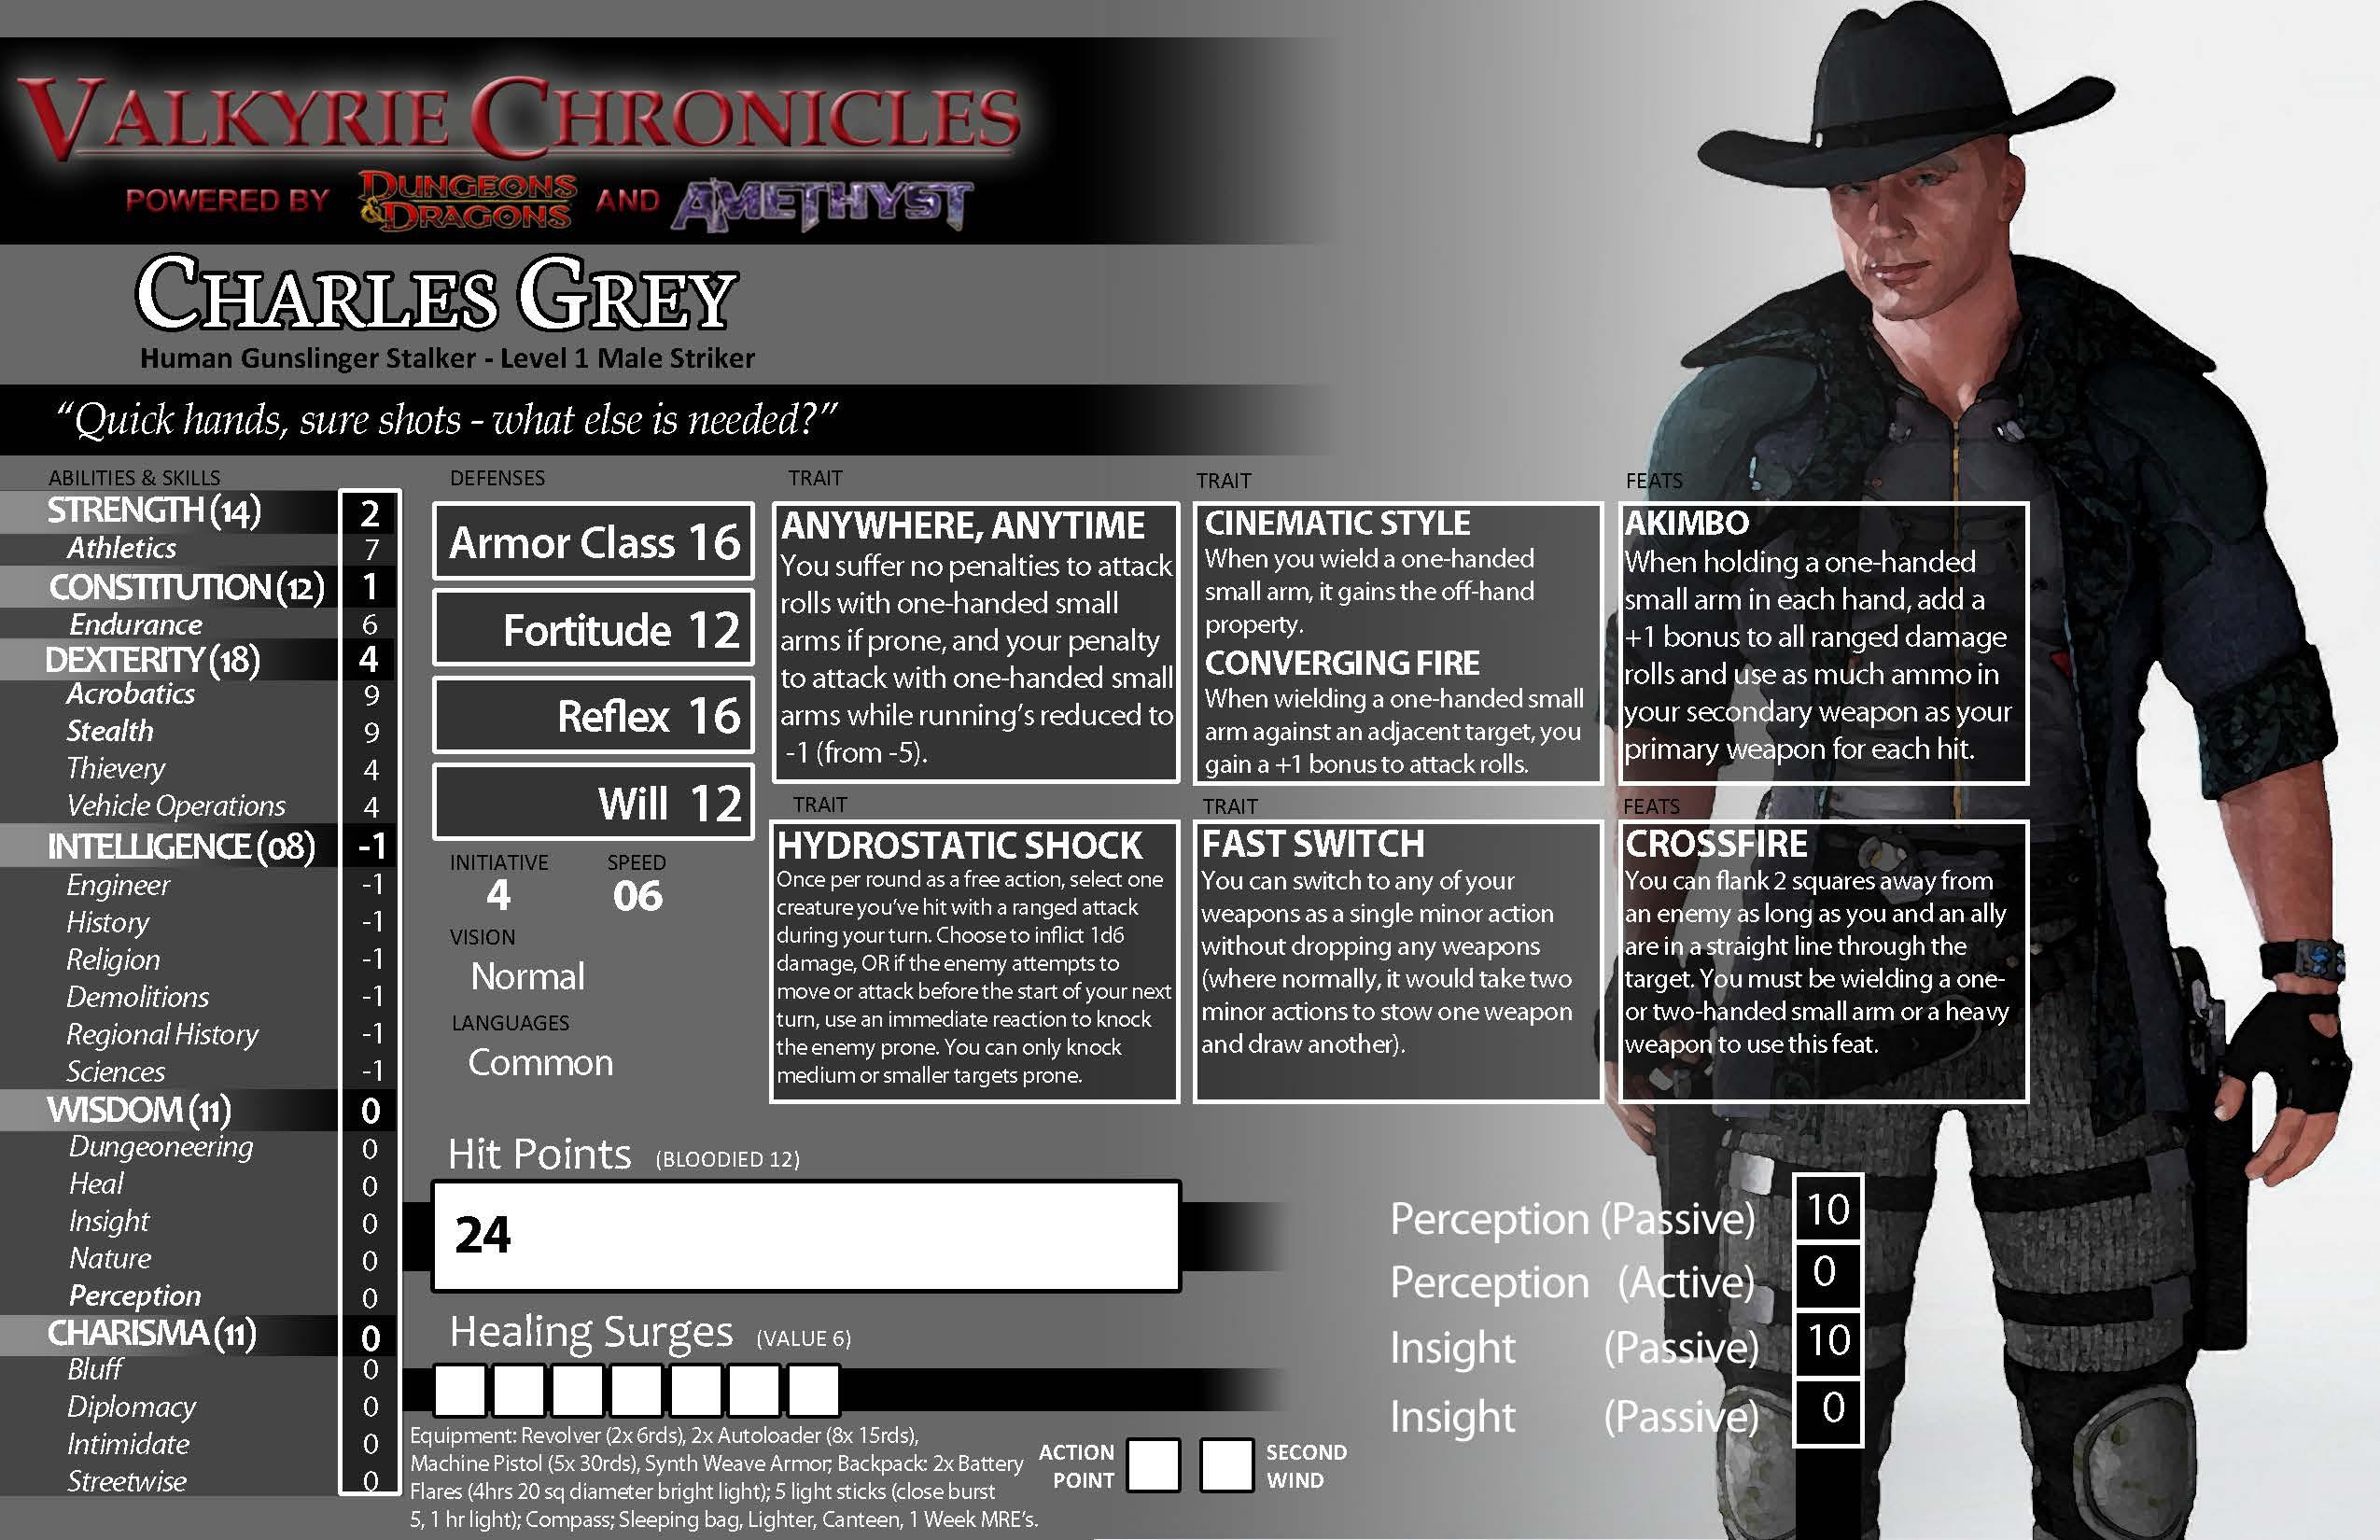 Gunslinger stalker